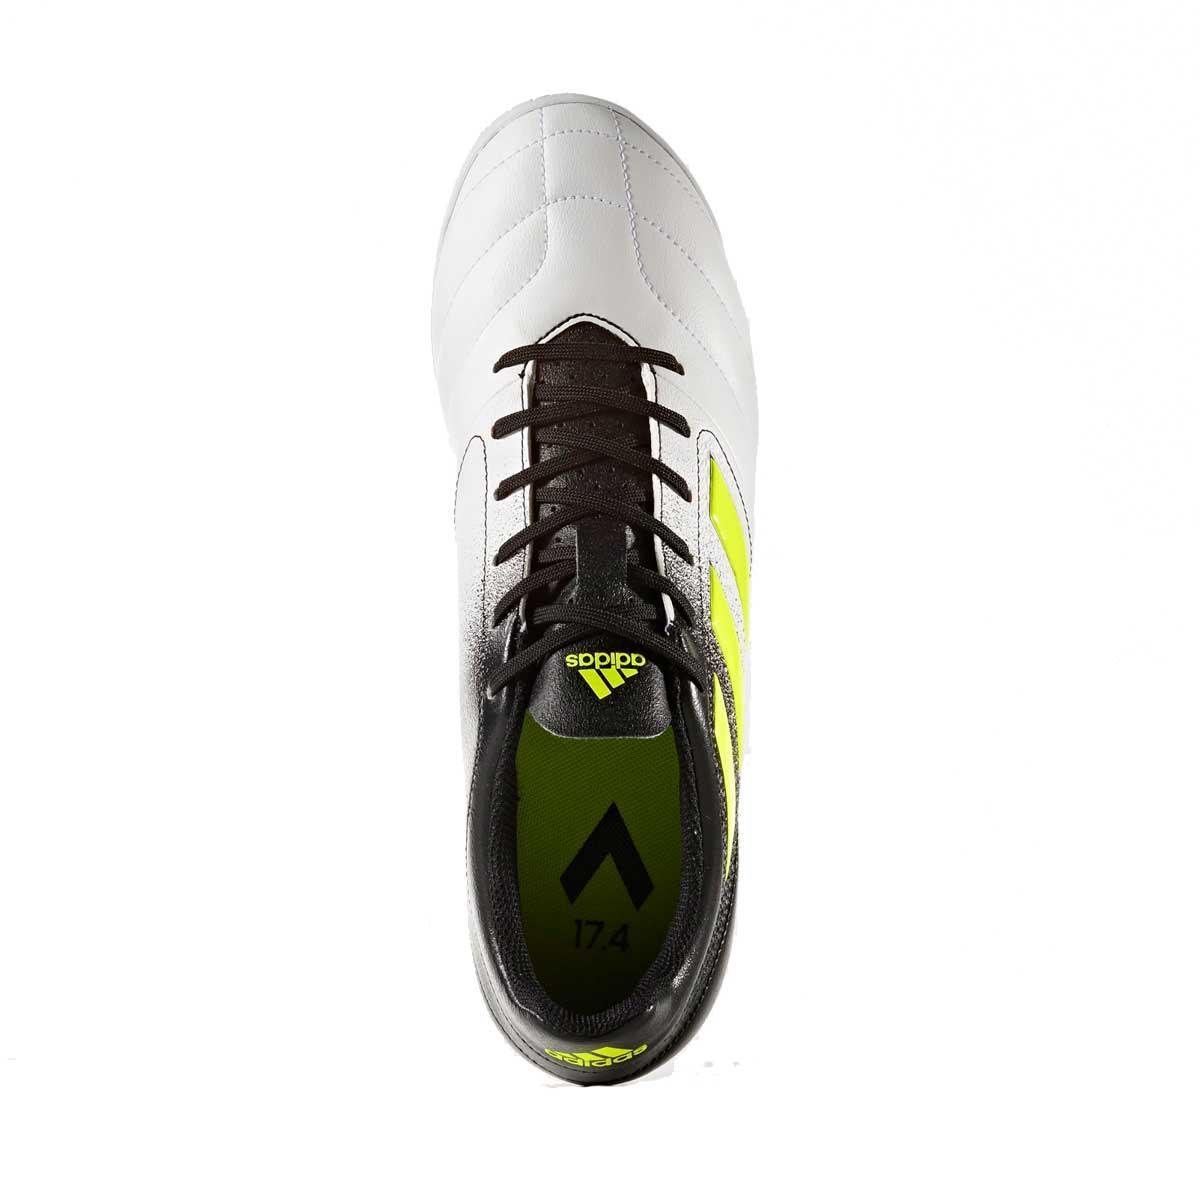 Chuteira Adidas Ace 17.4 Futsal 1bffcf1b211f9